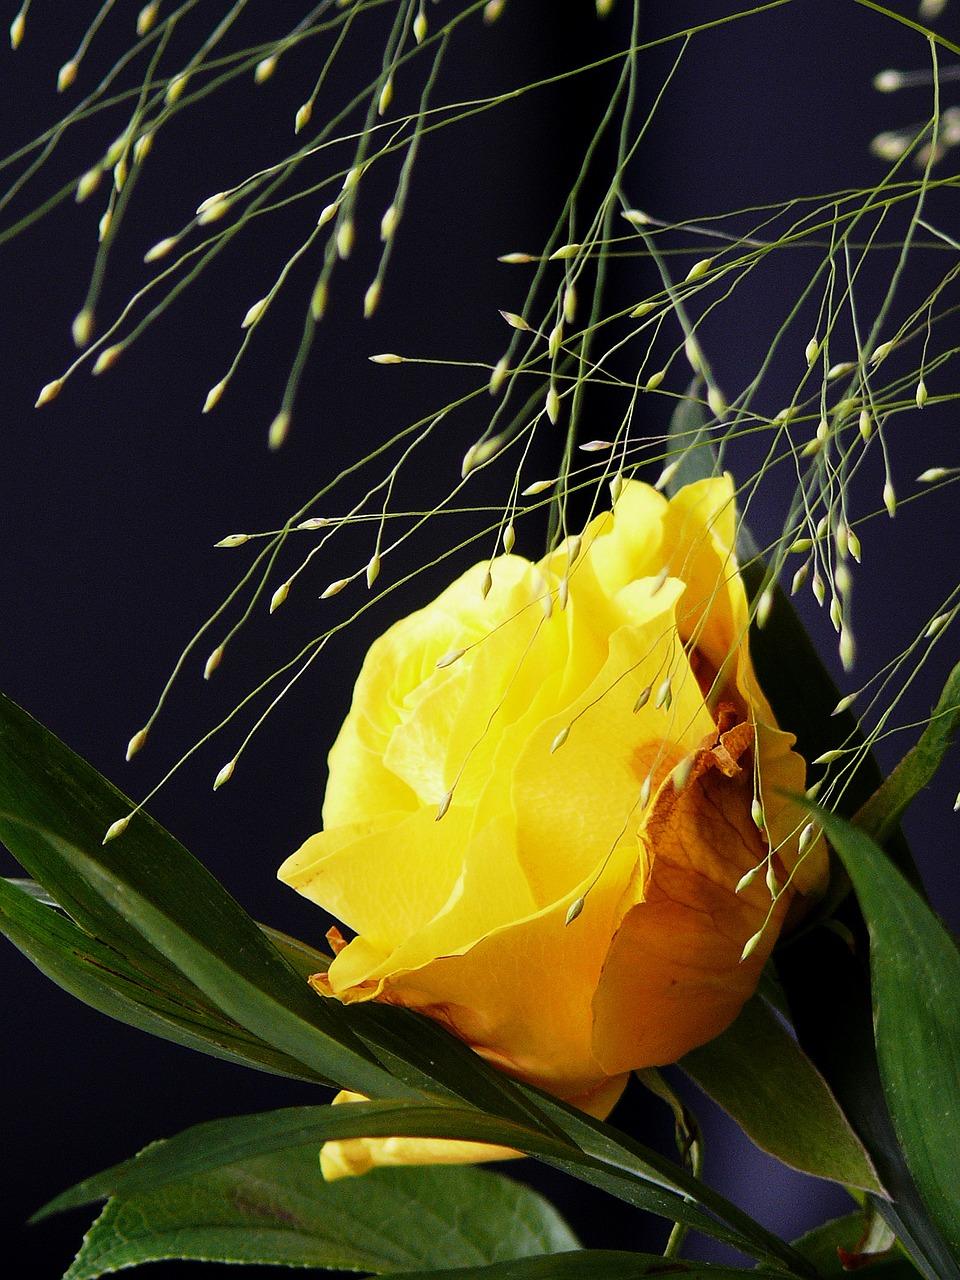 понятие, картинки как расцветают цветы образом будет доступна